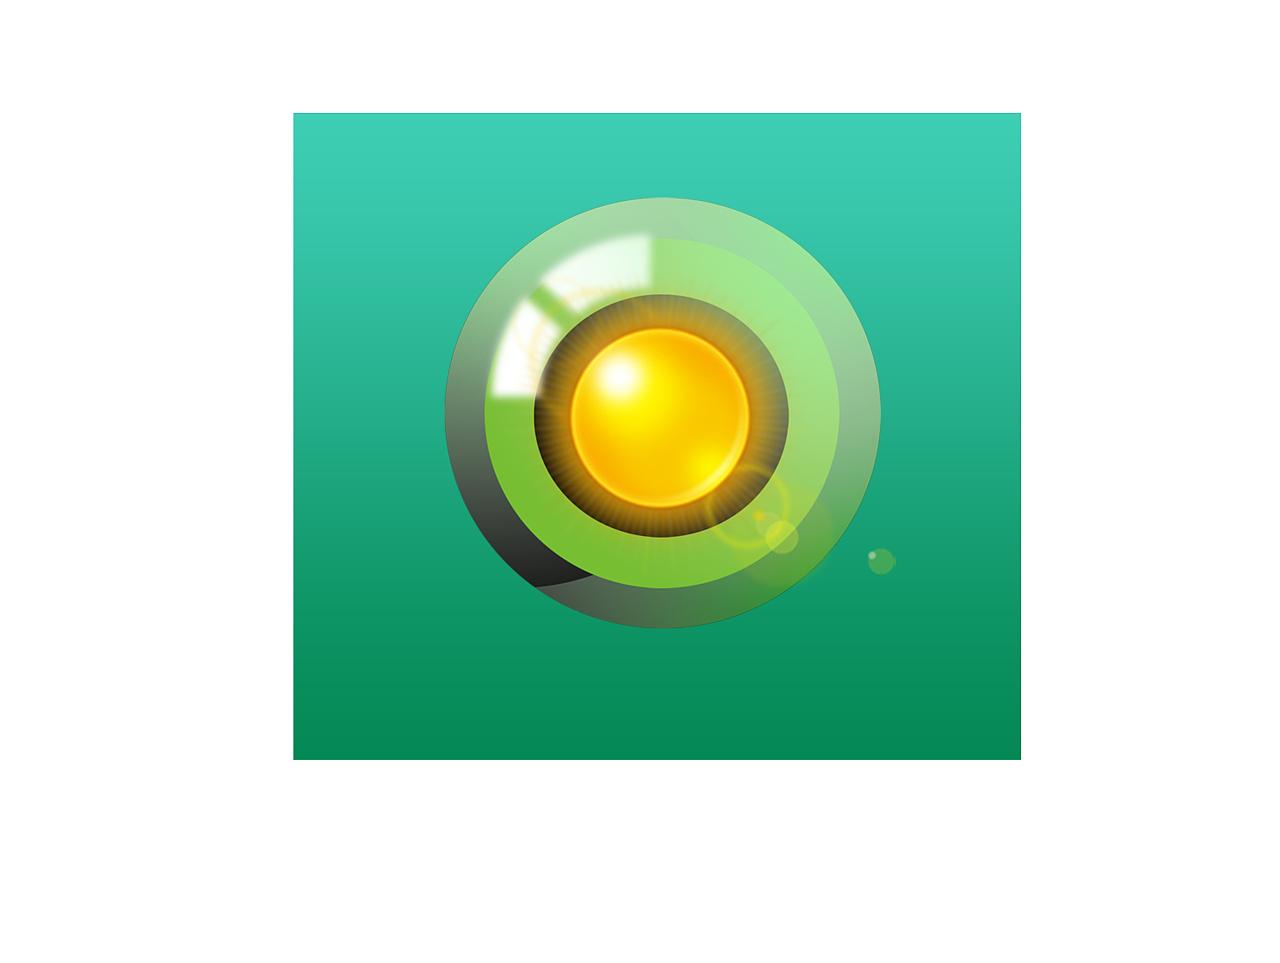 绿眼睛 图片